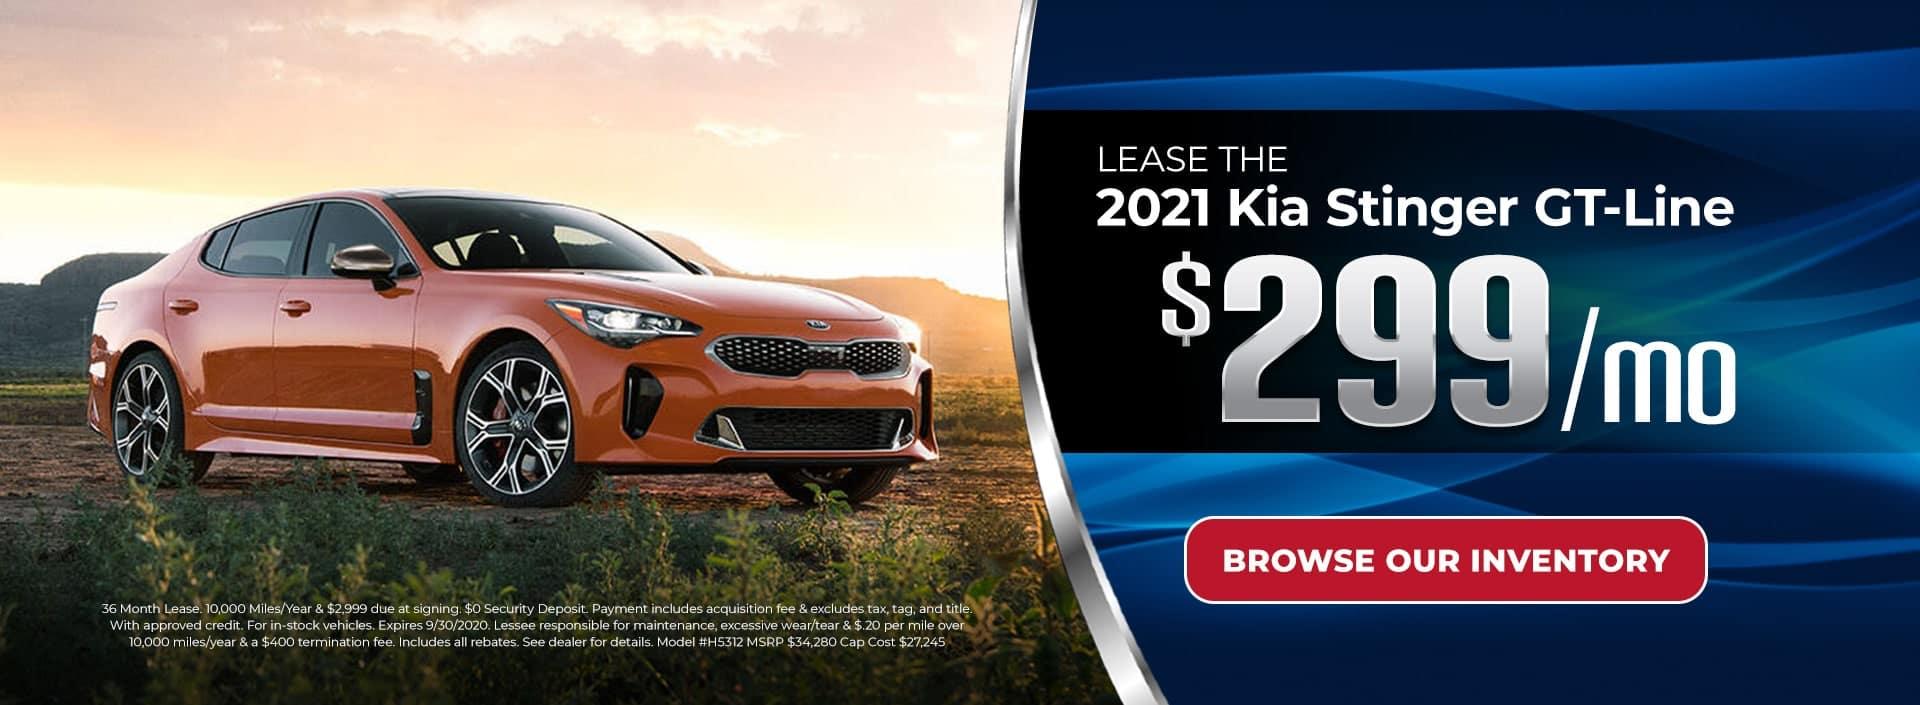 Lease 2021 Kia Stinger GT-Line for $299/mo in Atlanta, GA